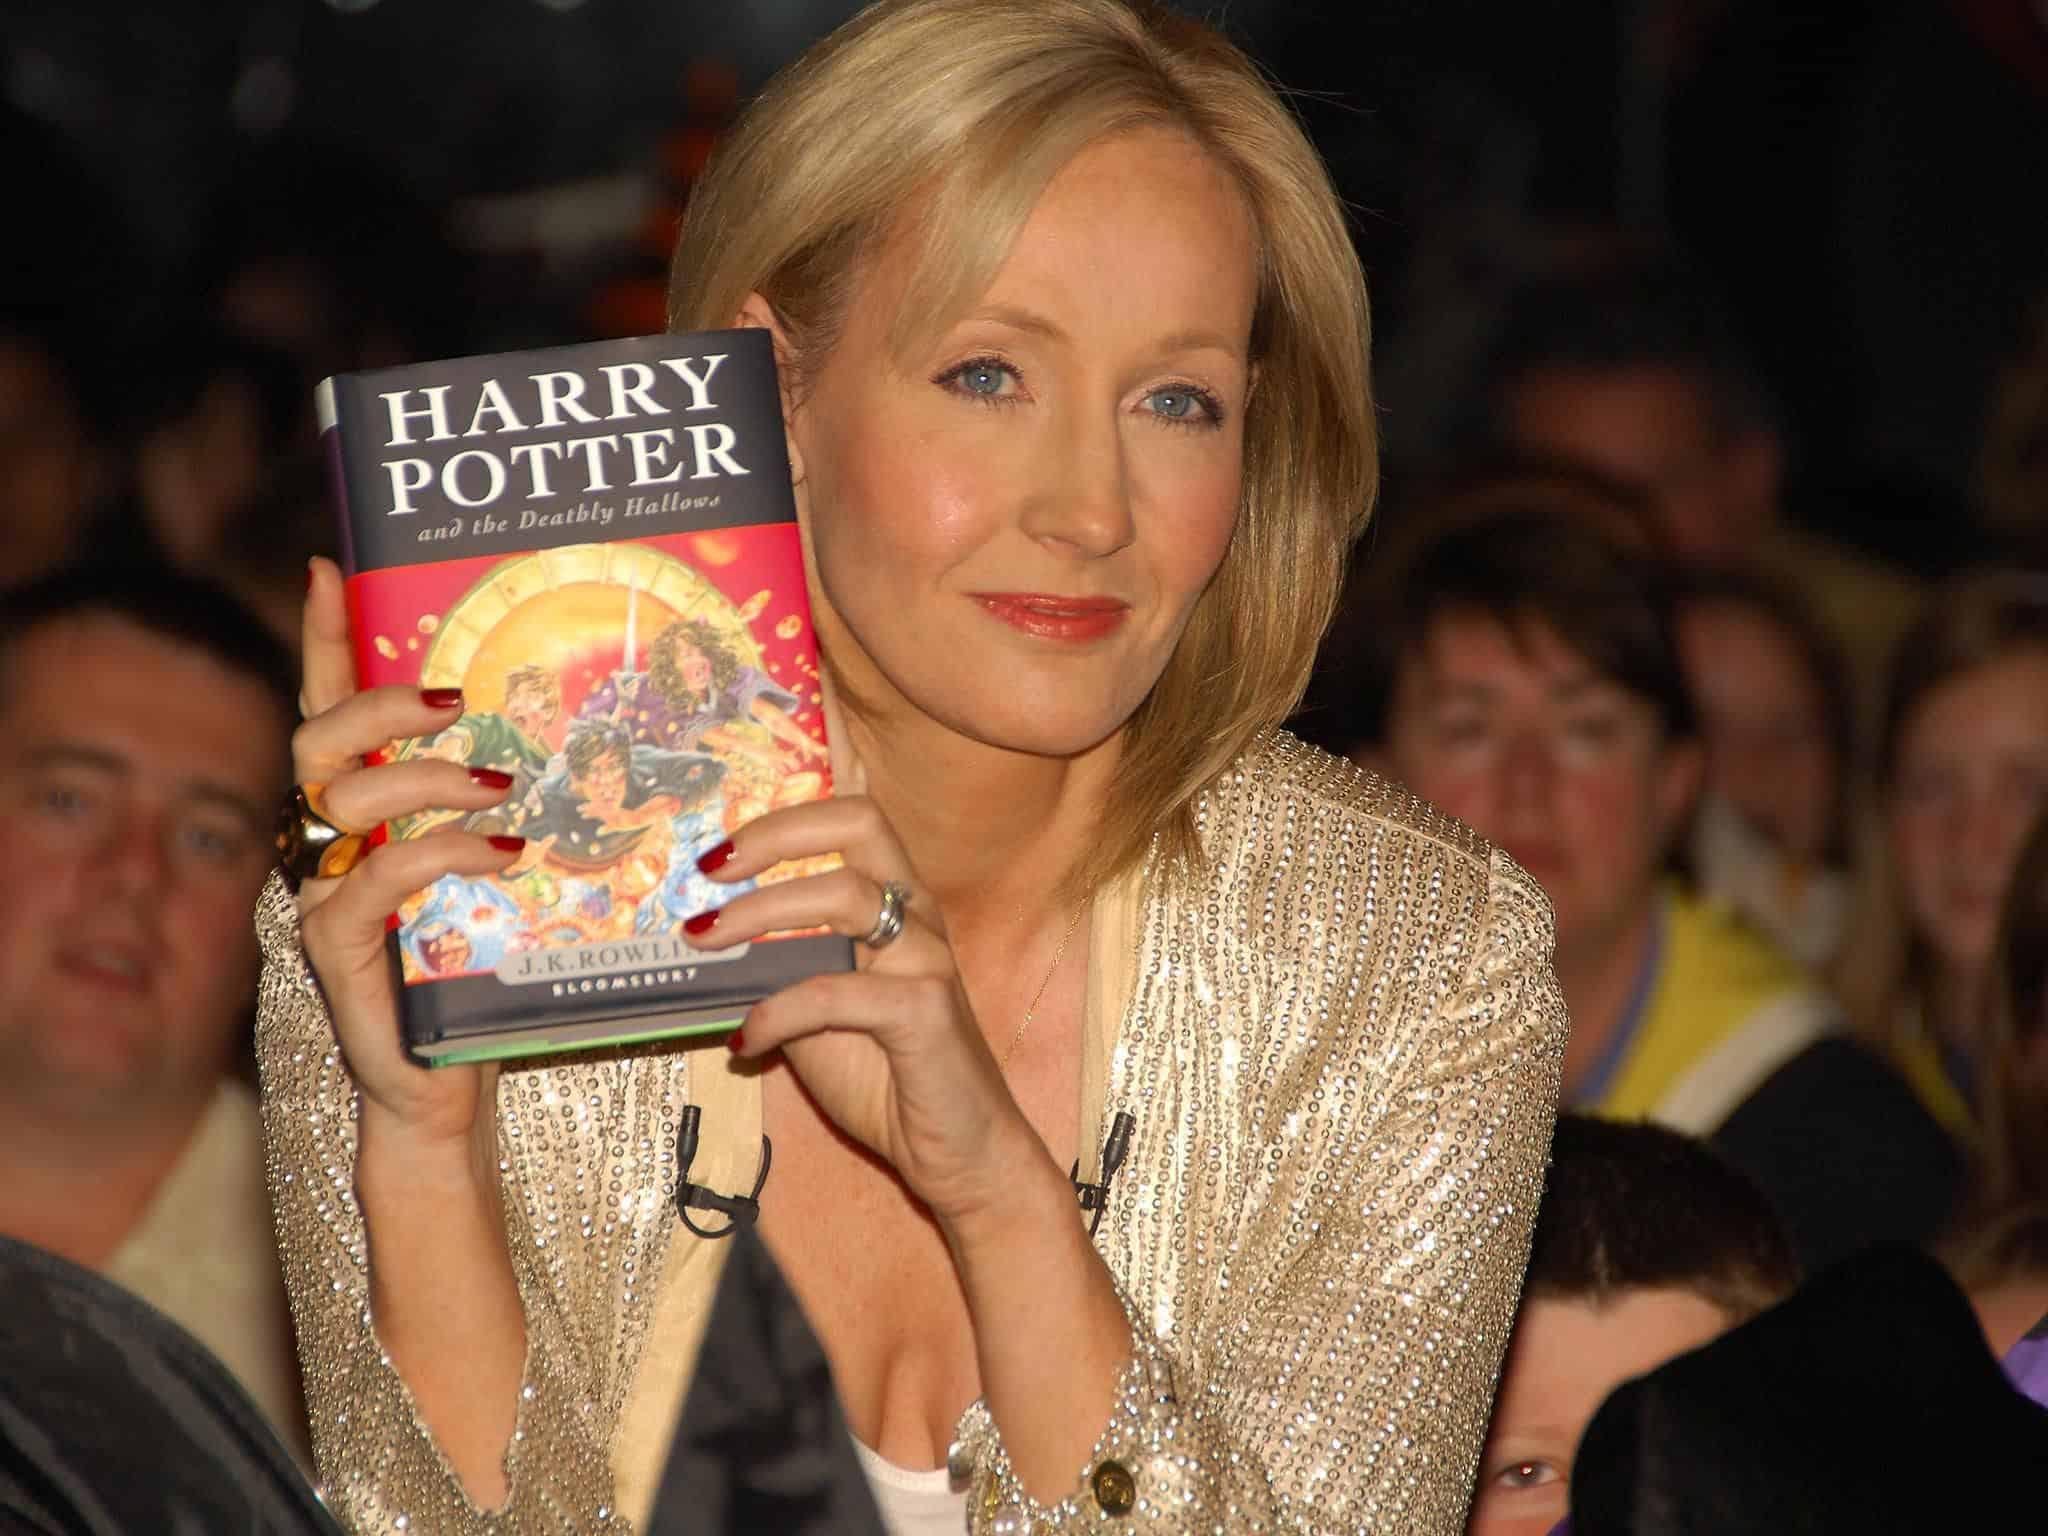 JK Rowling segurando livro de Harry Potter